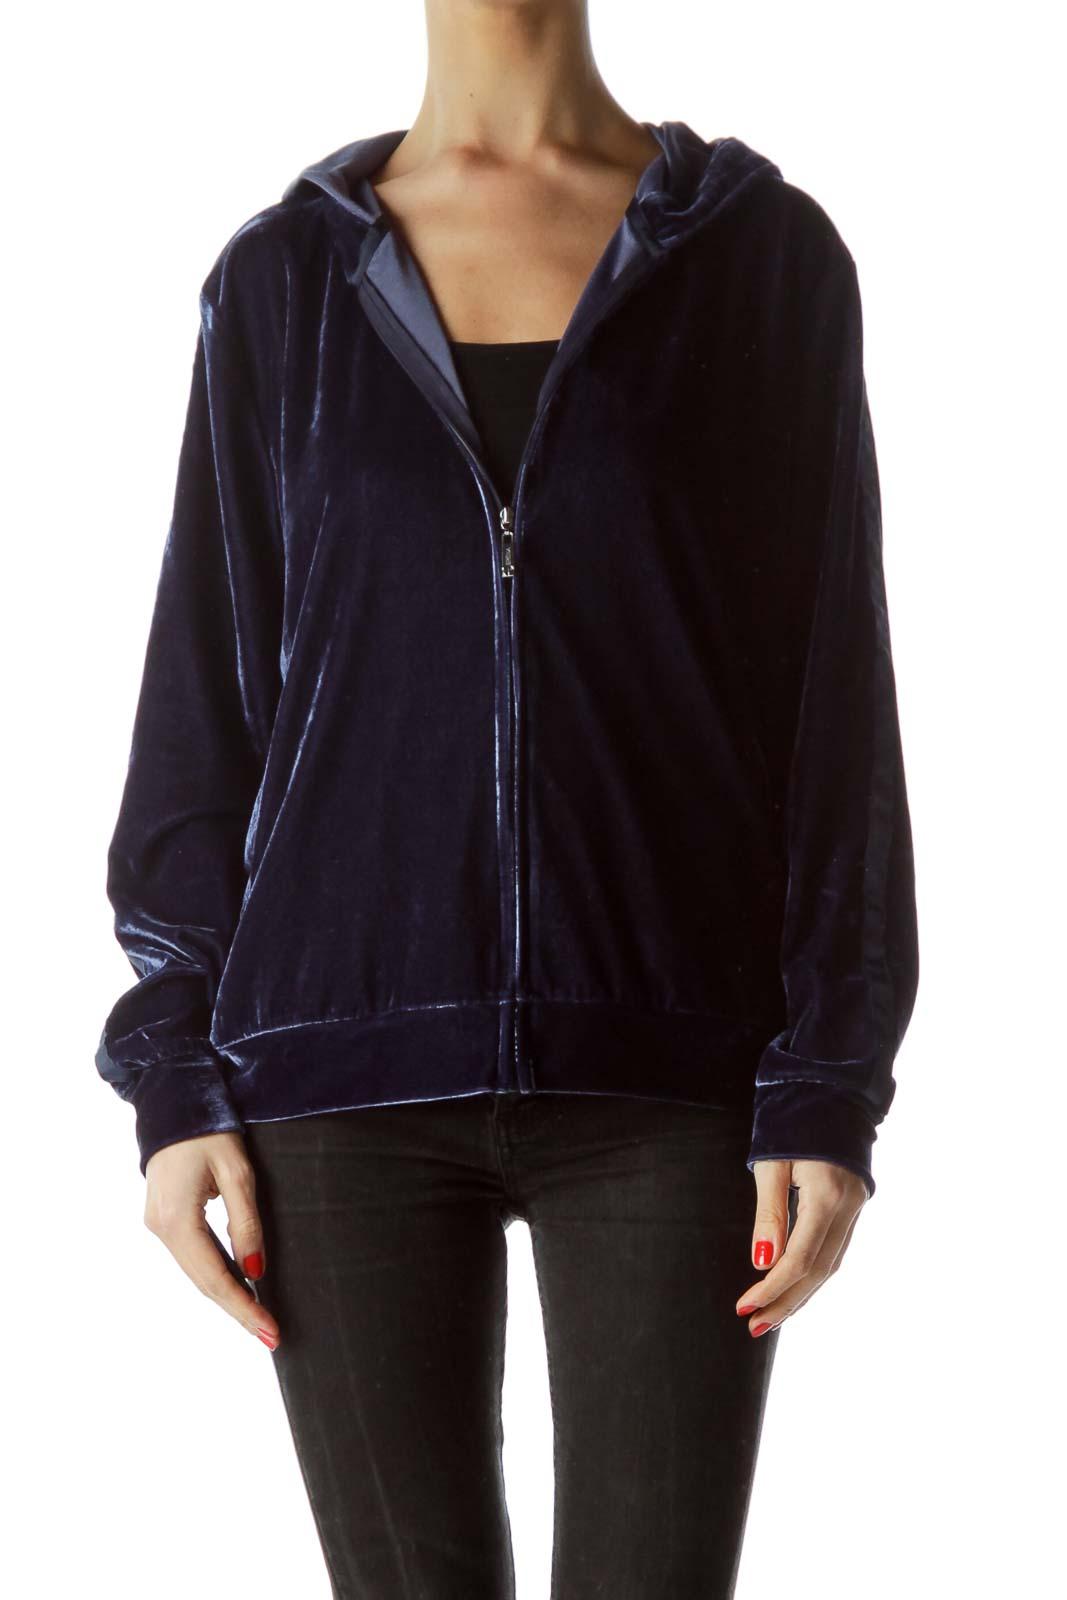 Blue Velvet Zippered Hooded Track Jacket Front